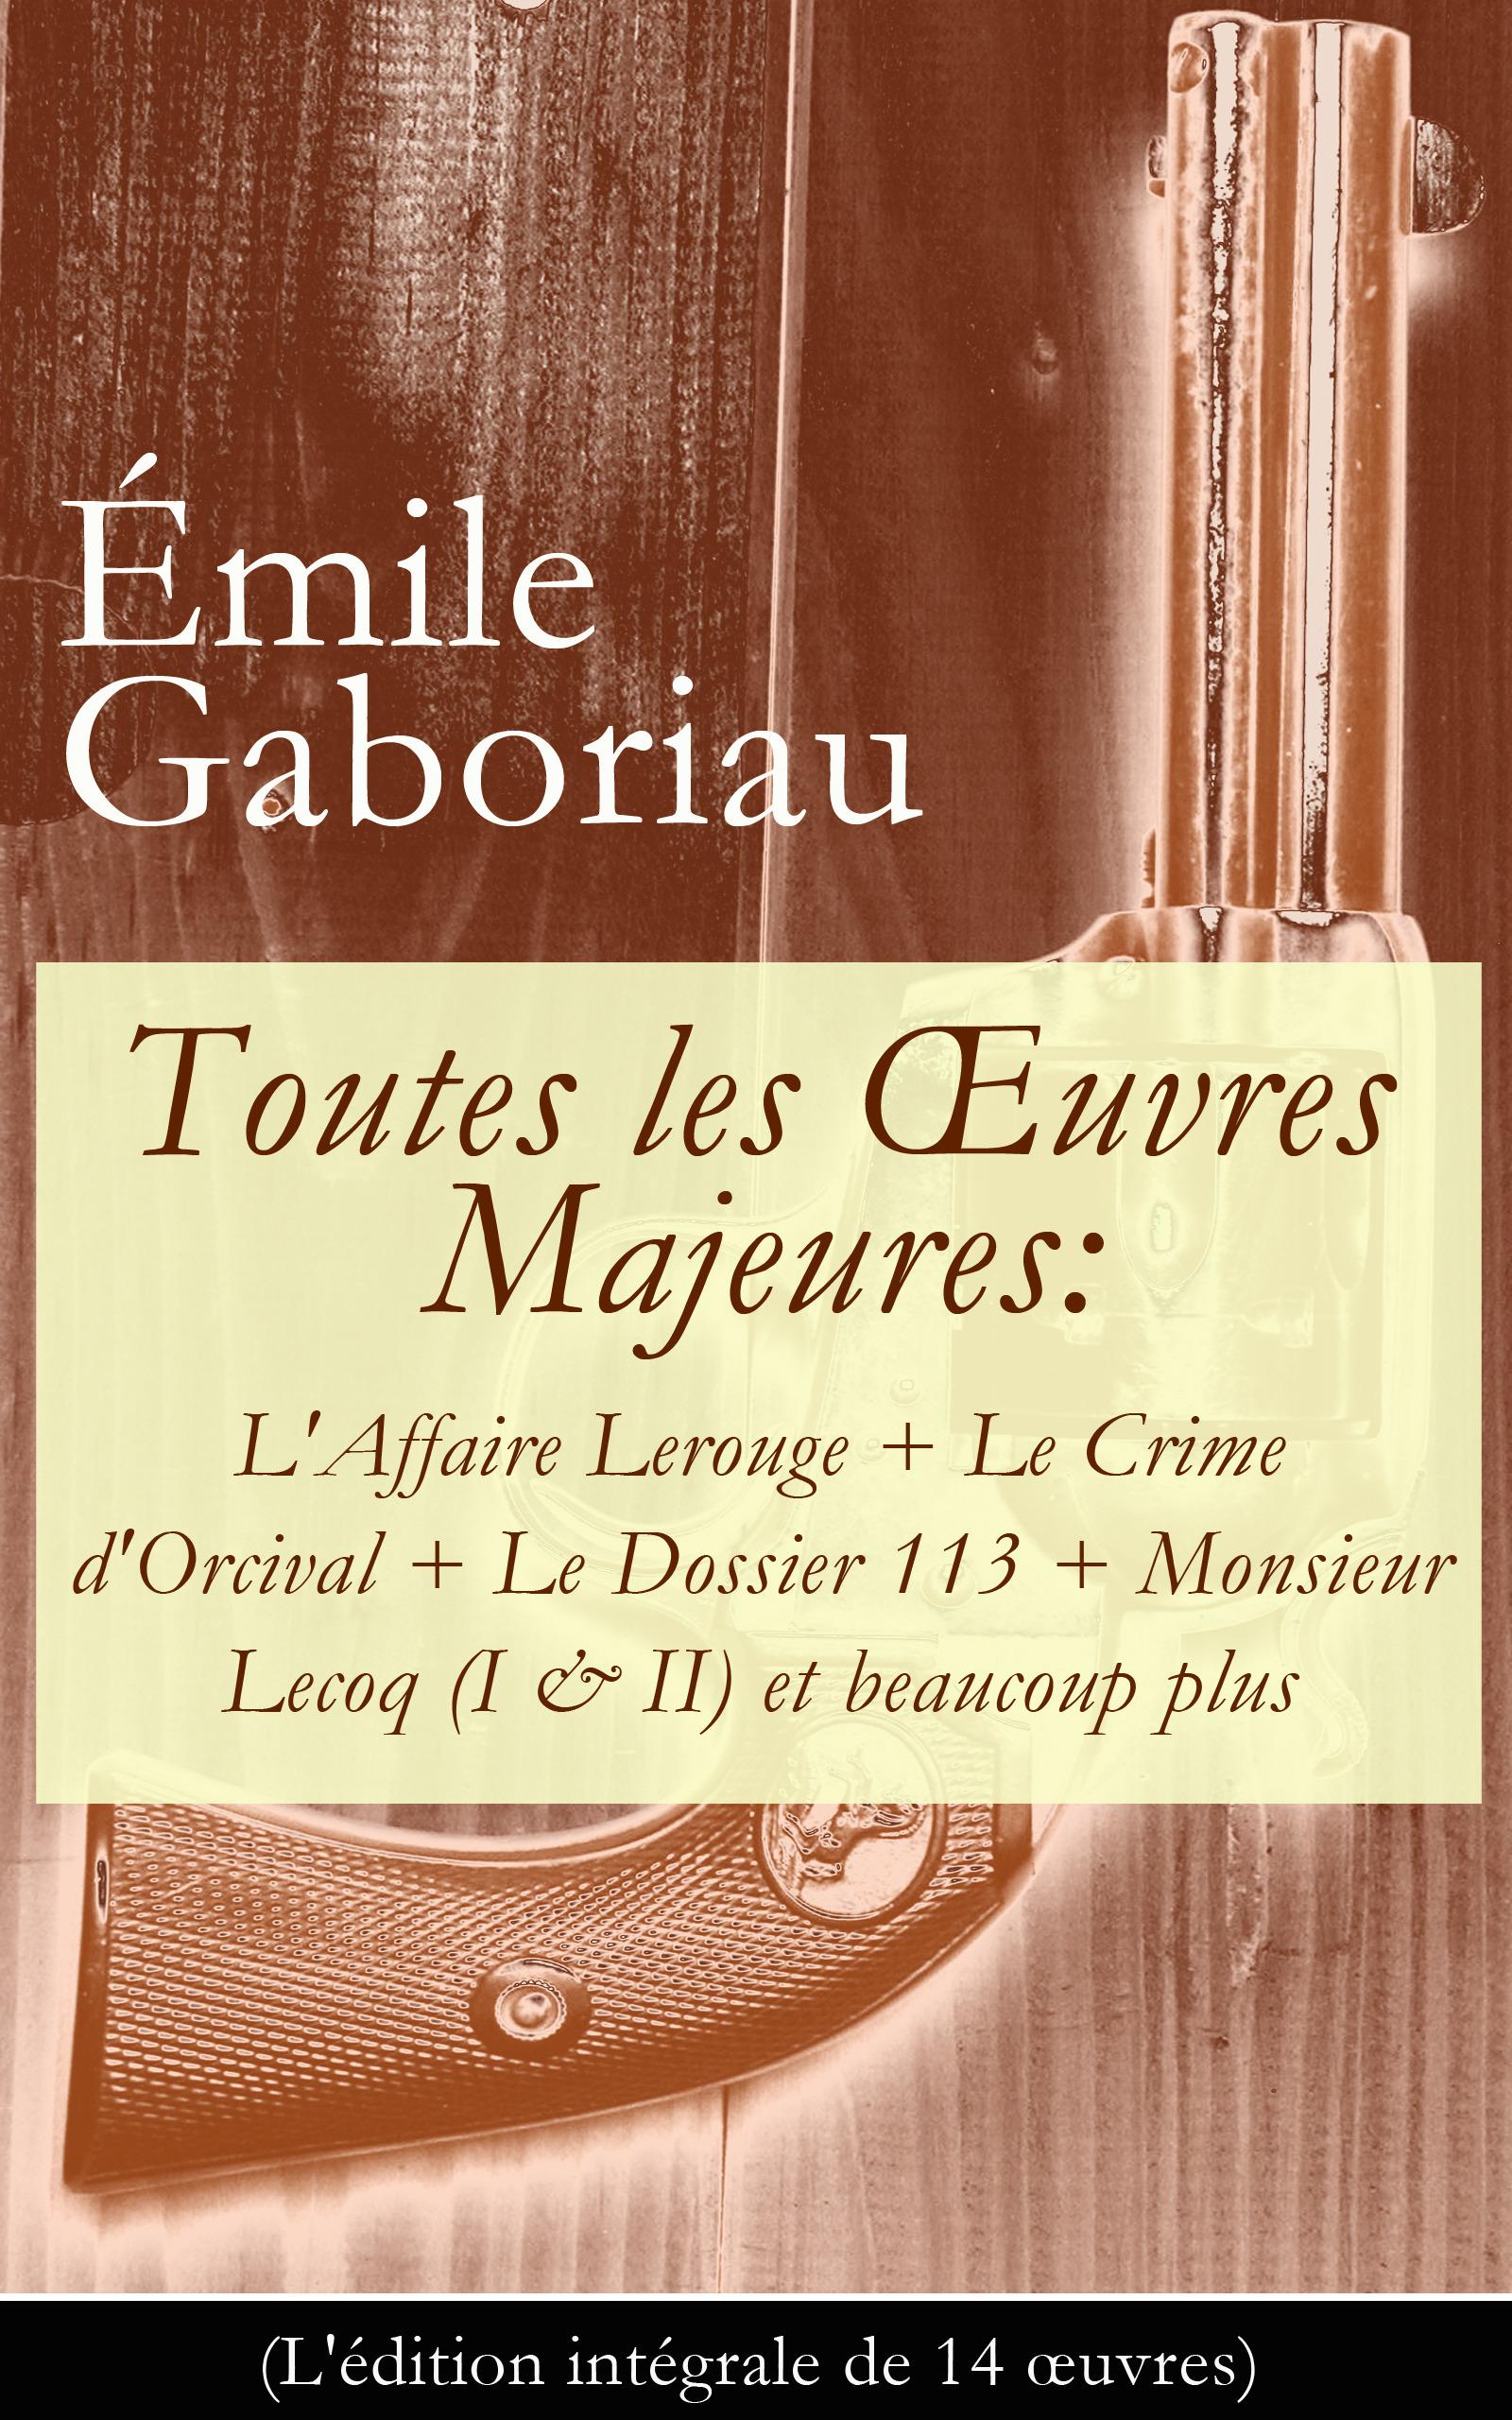 Toutes les OEuvres Majeures: L'Affaire Lerouge + Le Crime d'Orcival + Le Dossier 113 + Monsieur Lecoq (I & II) et beaucoup plus (L'édition intégrale de 14 oeuvres)